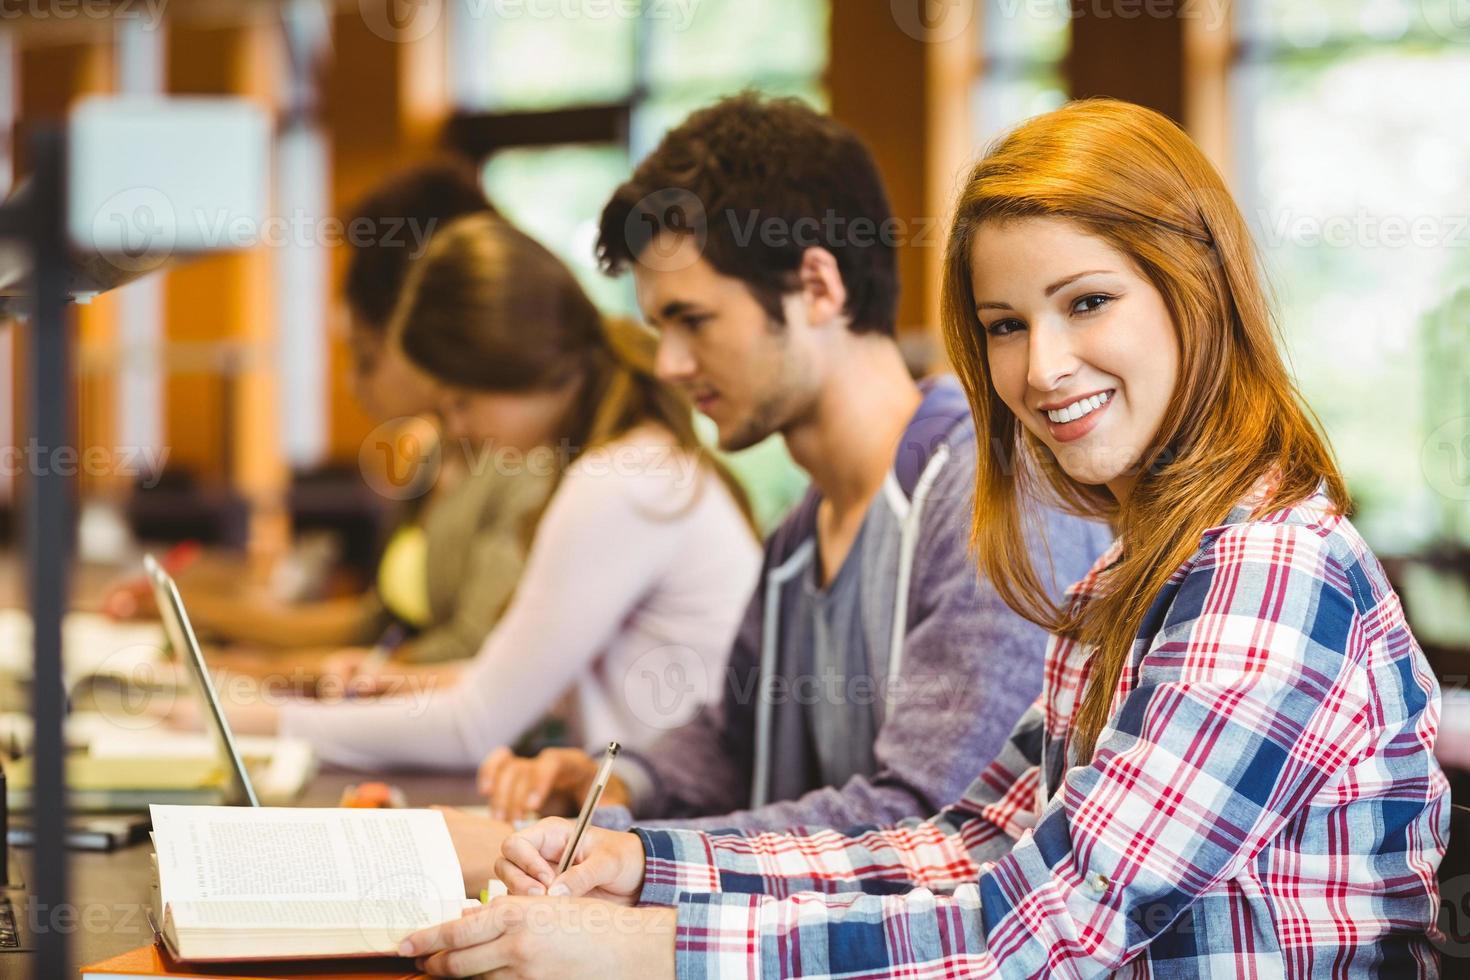 étudiant regardant la caméra tout en étudiant avec ses camarades de classe photo